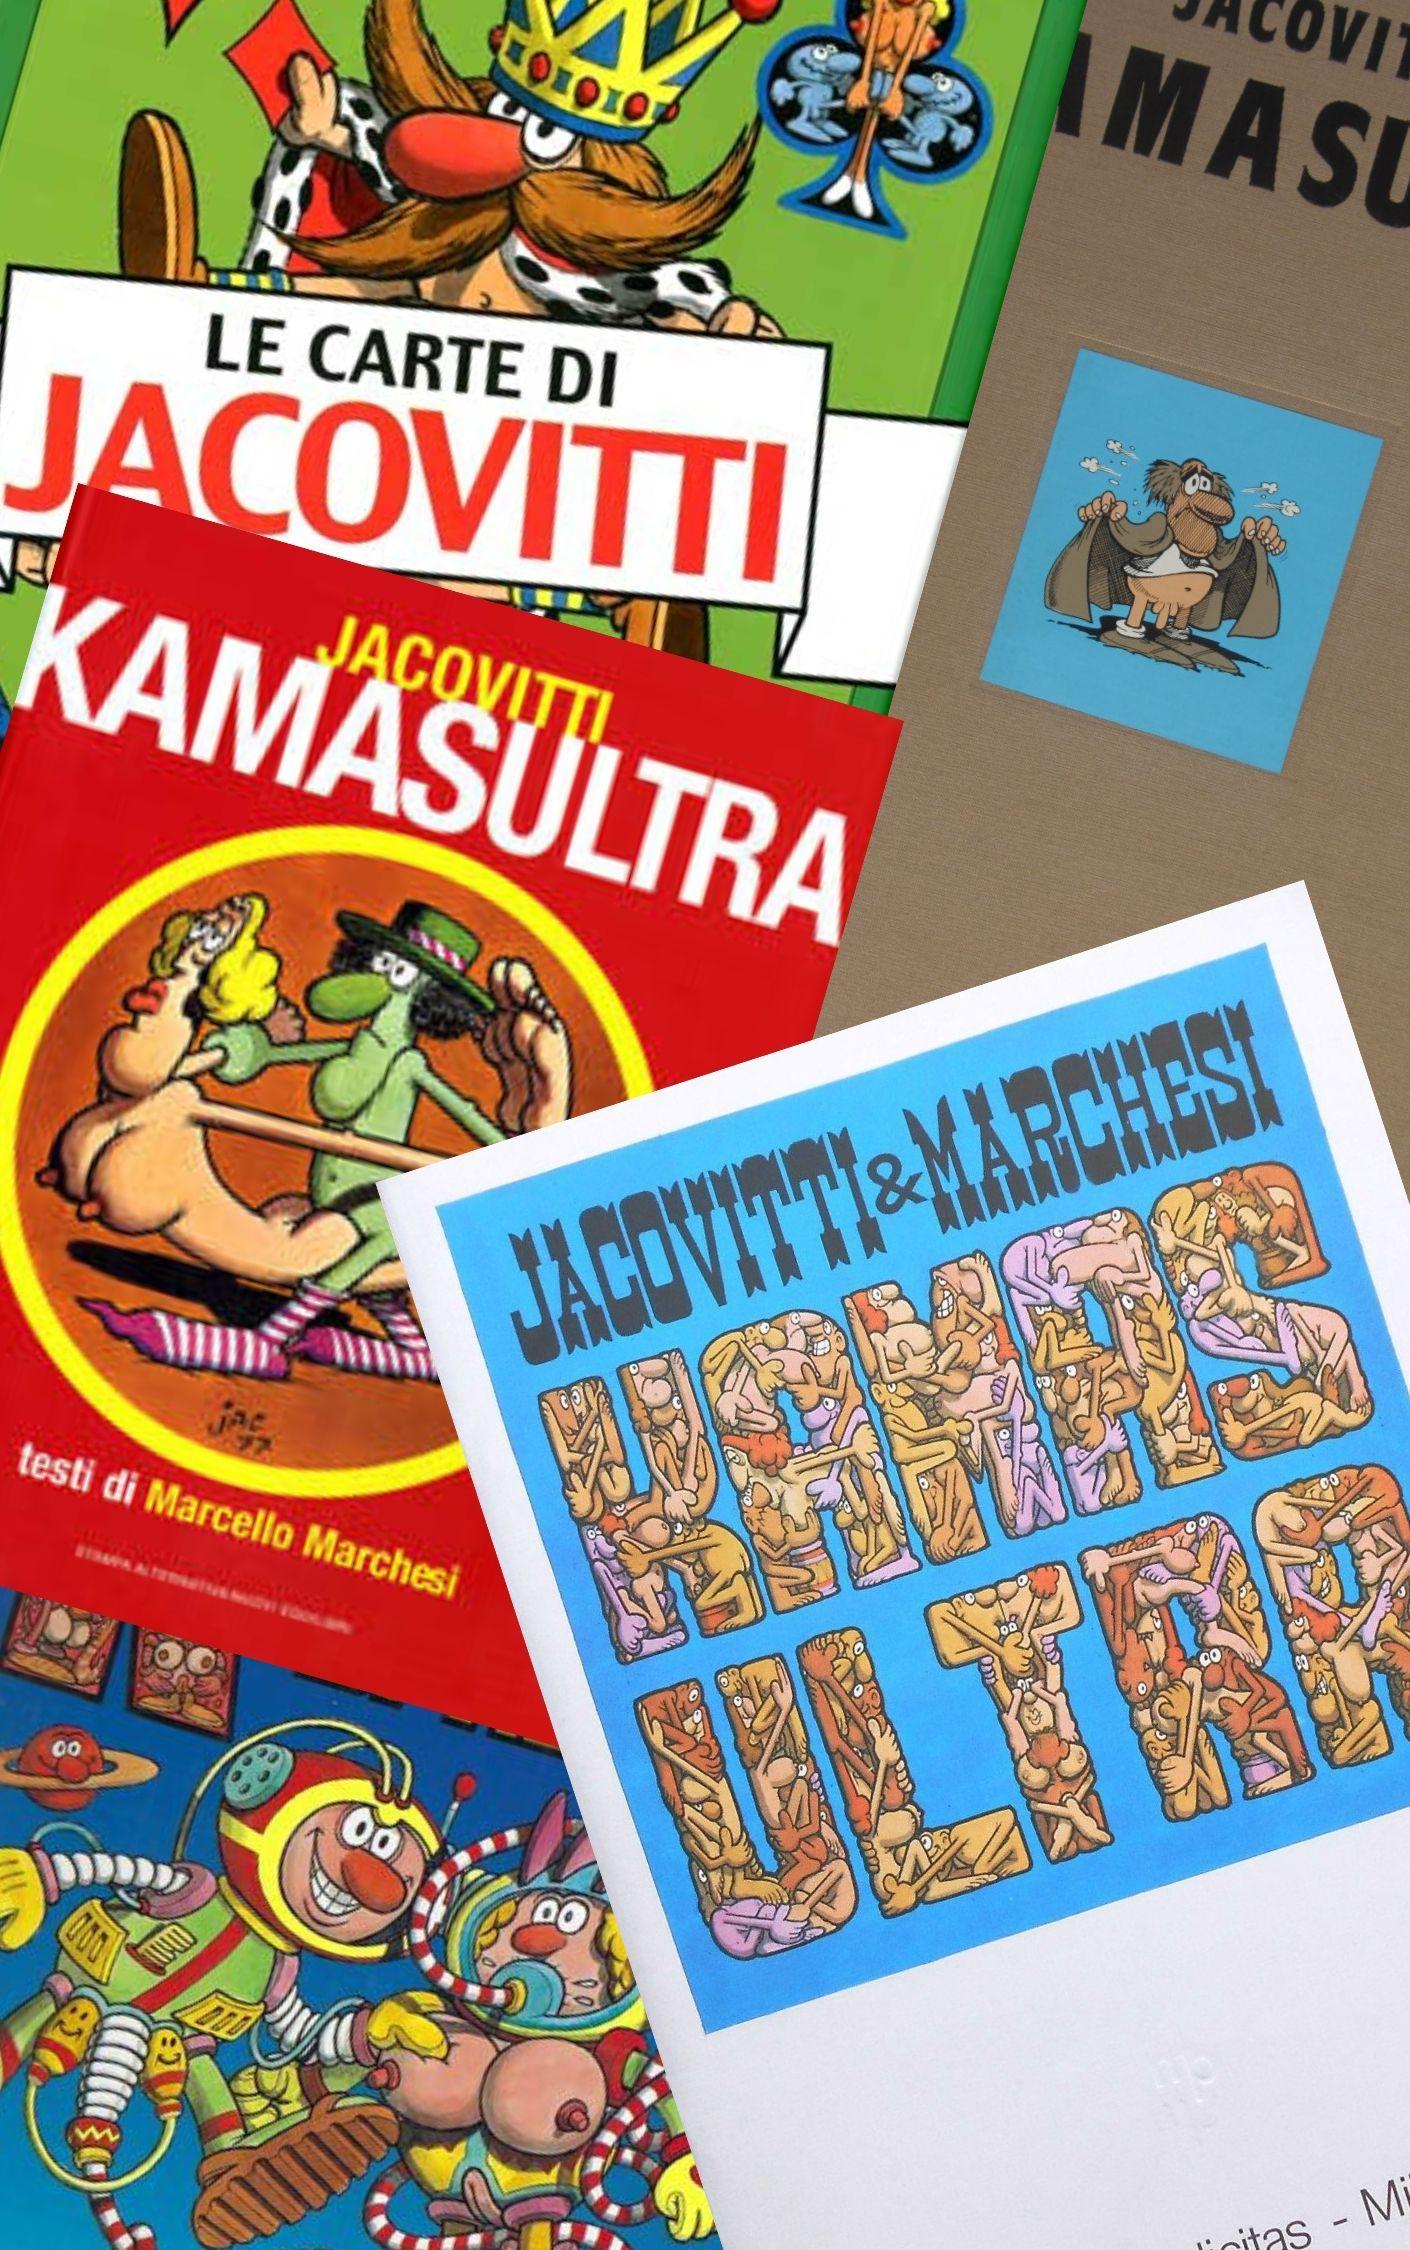 """Tutte le posizioni del Kamasutra nel """"Kamasultra"""" di Jacovitti"""